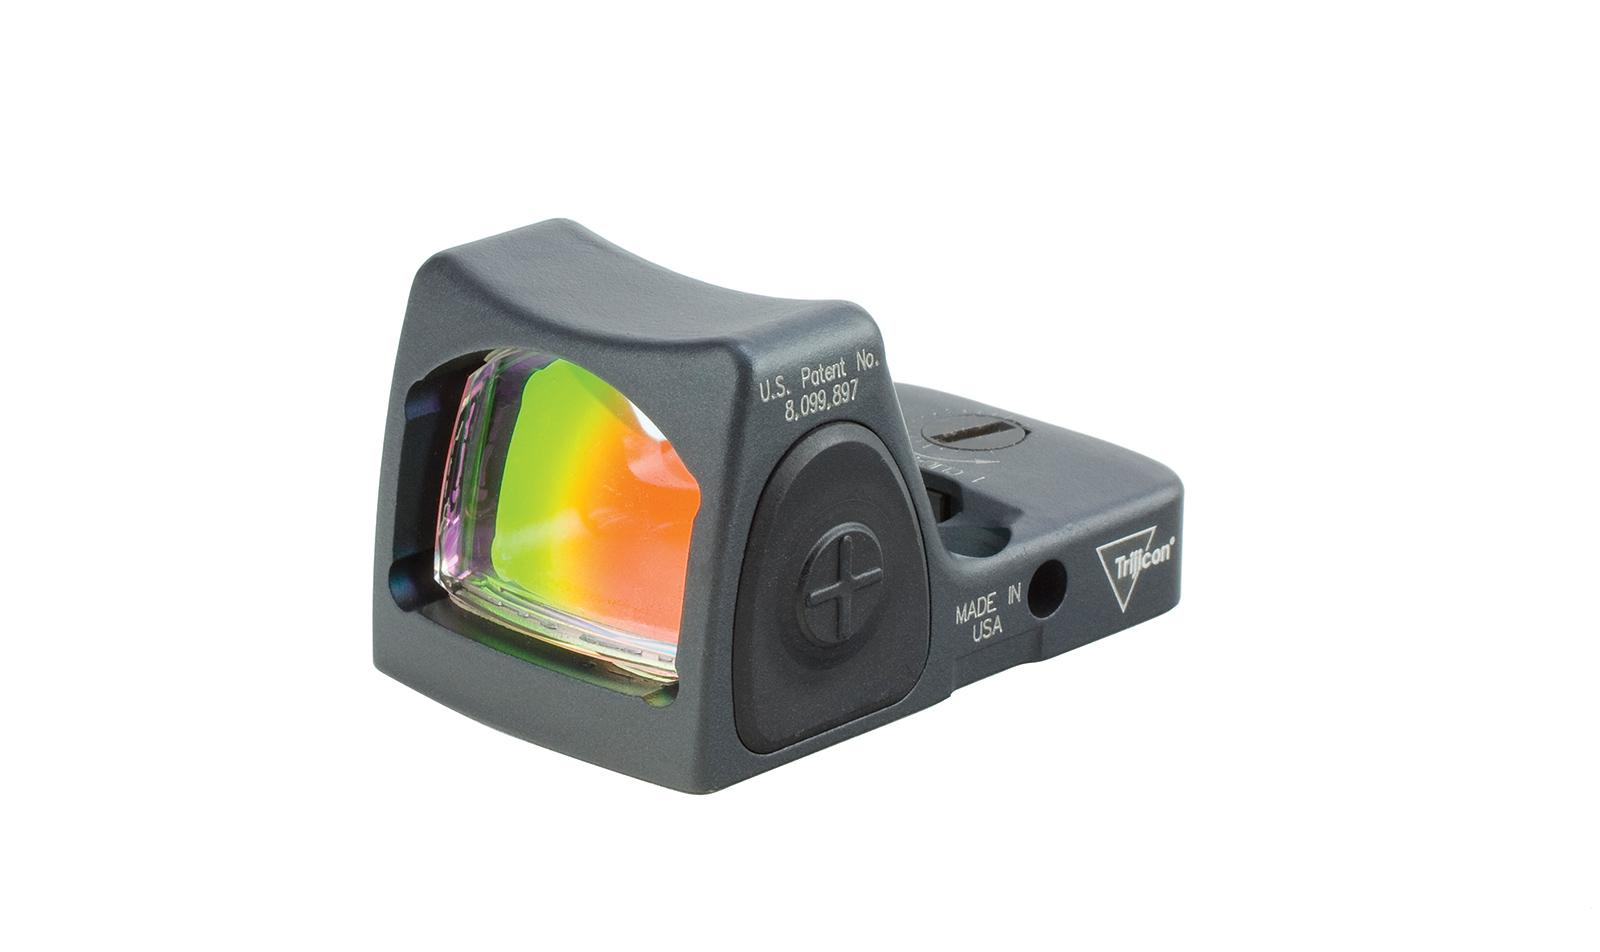 RM06-C-700694 angle 1